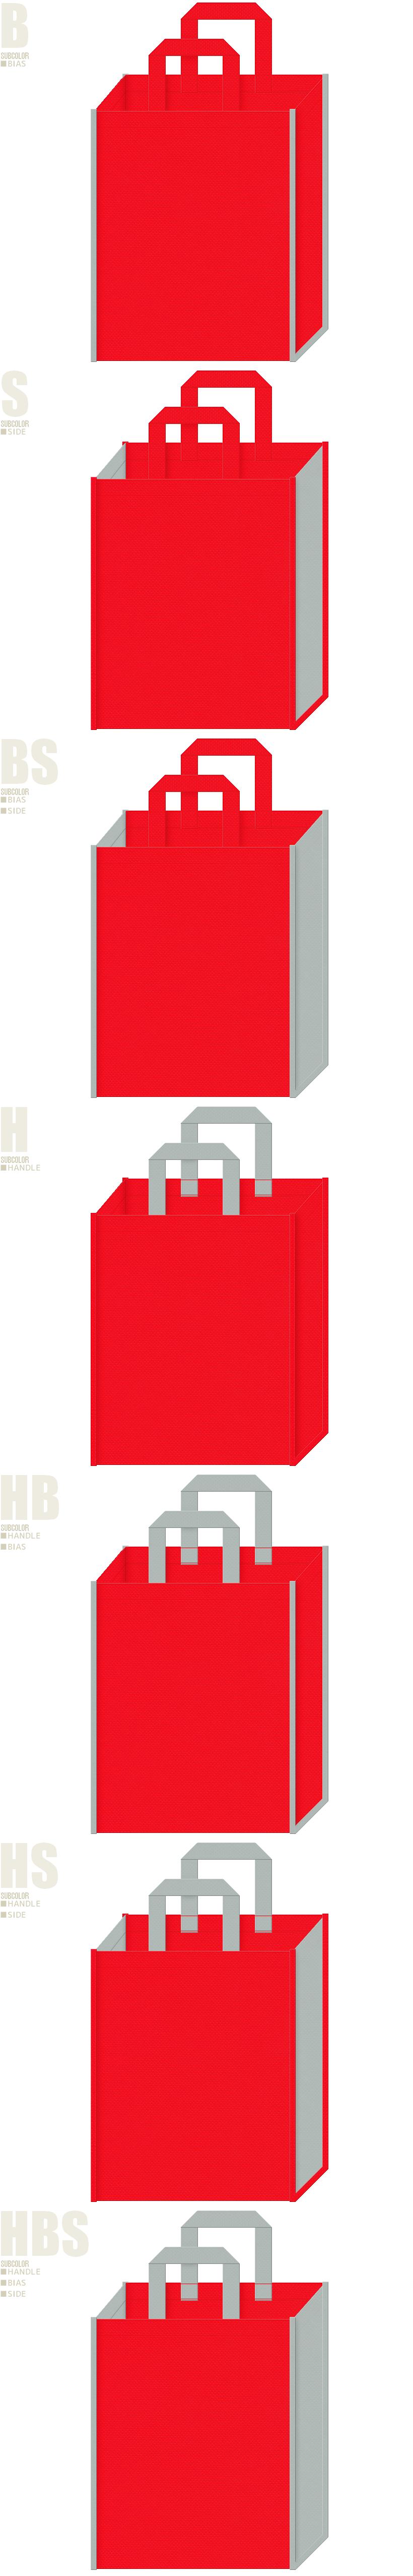 ロボット・ラジコン・プラモデル・ホビーショーにお奨めの不織布バッグデザイン:赤色とグレー色の配色7パターン